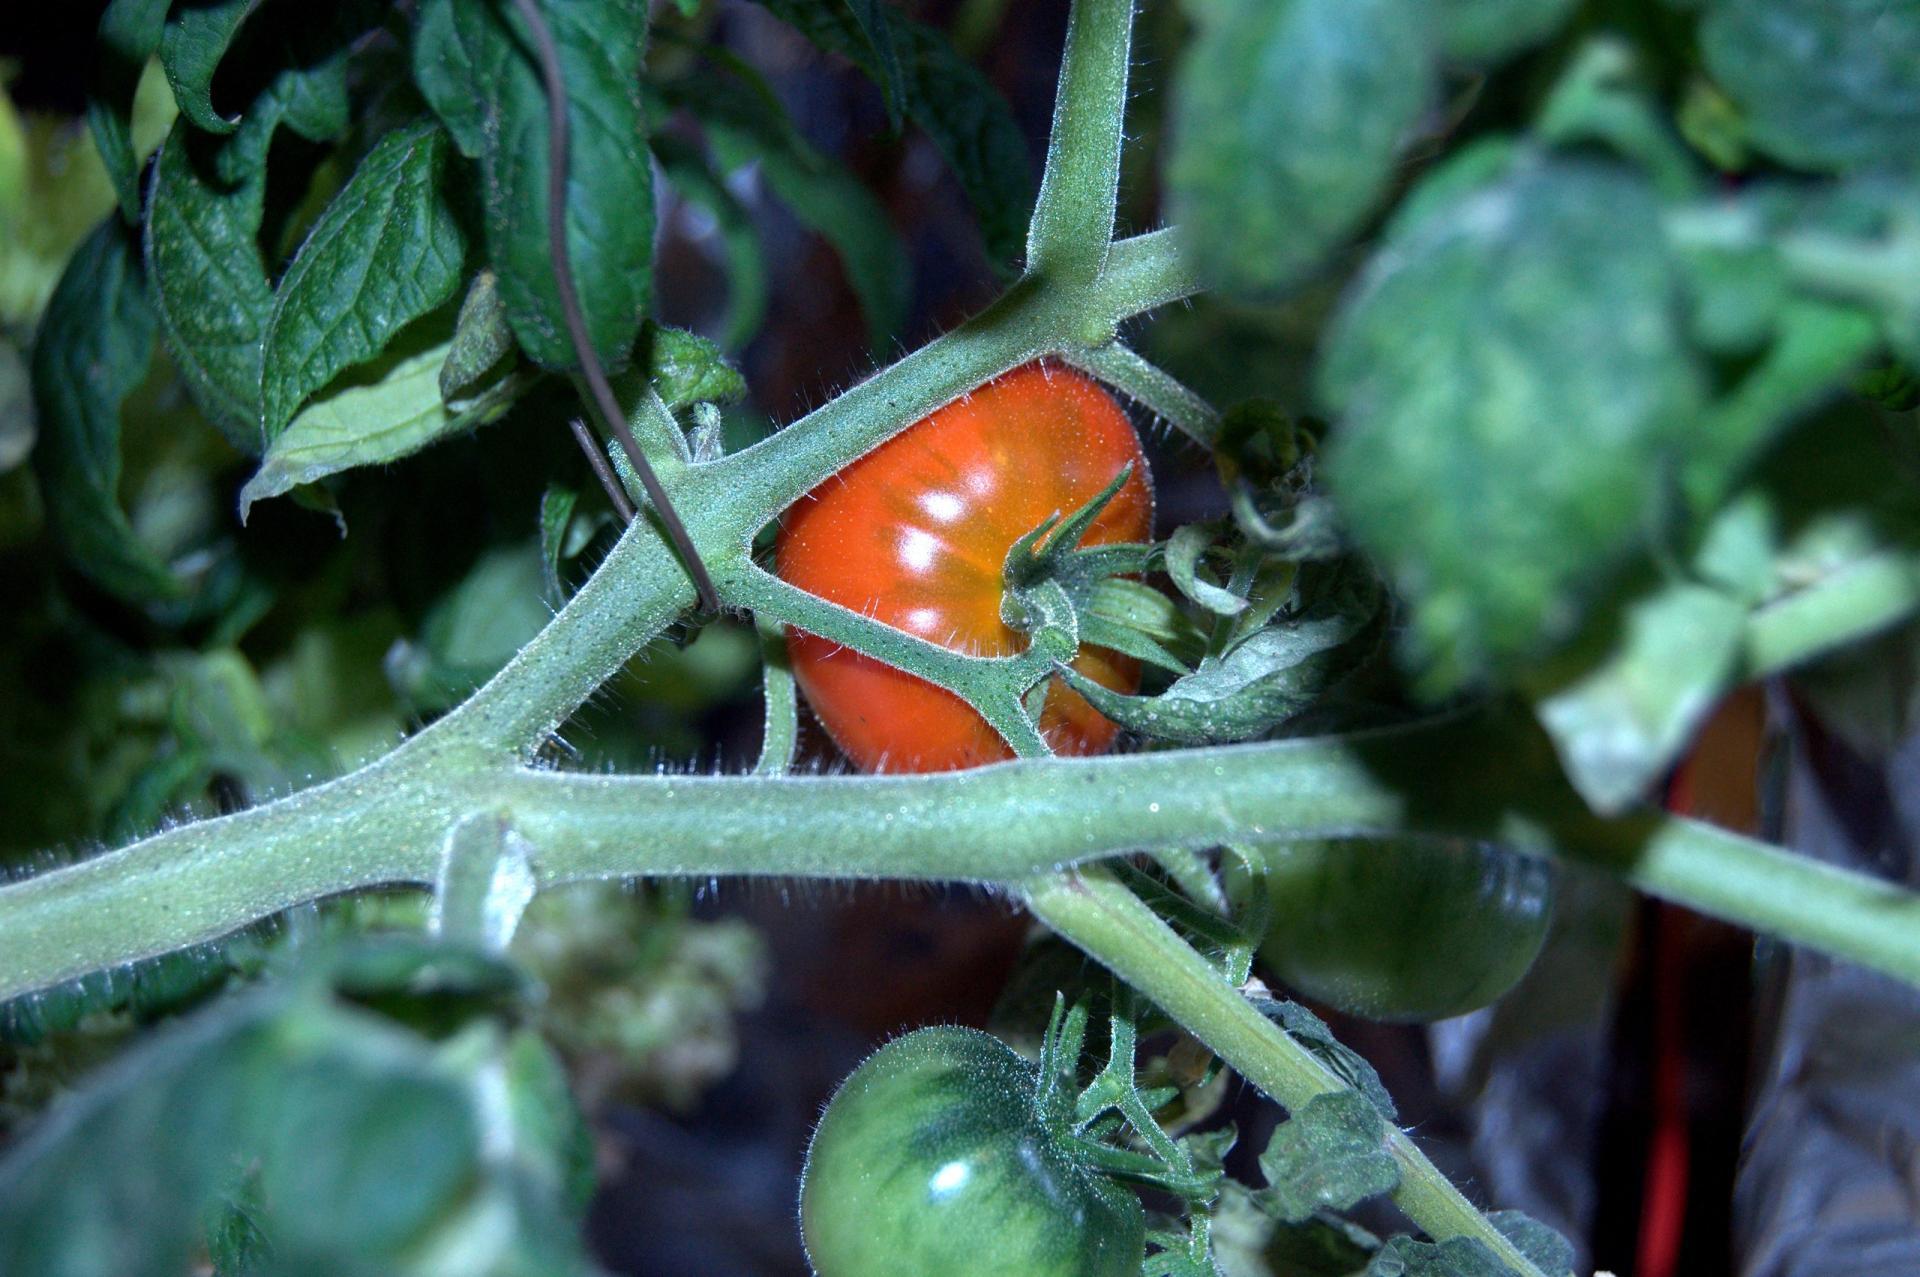 3_tomat.thumb.jpg.f51c66f0e4d2e945b1246d